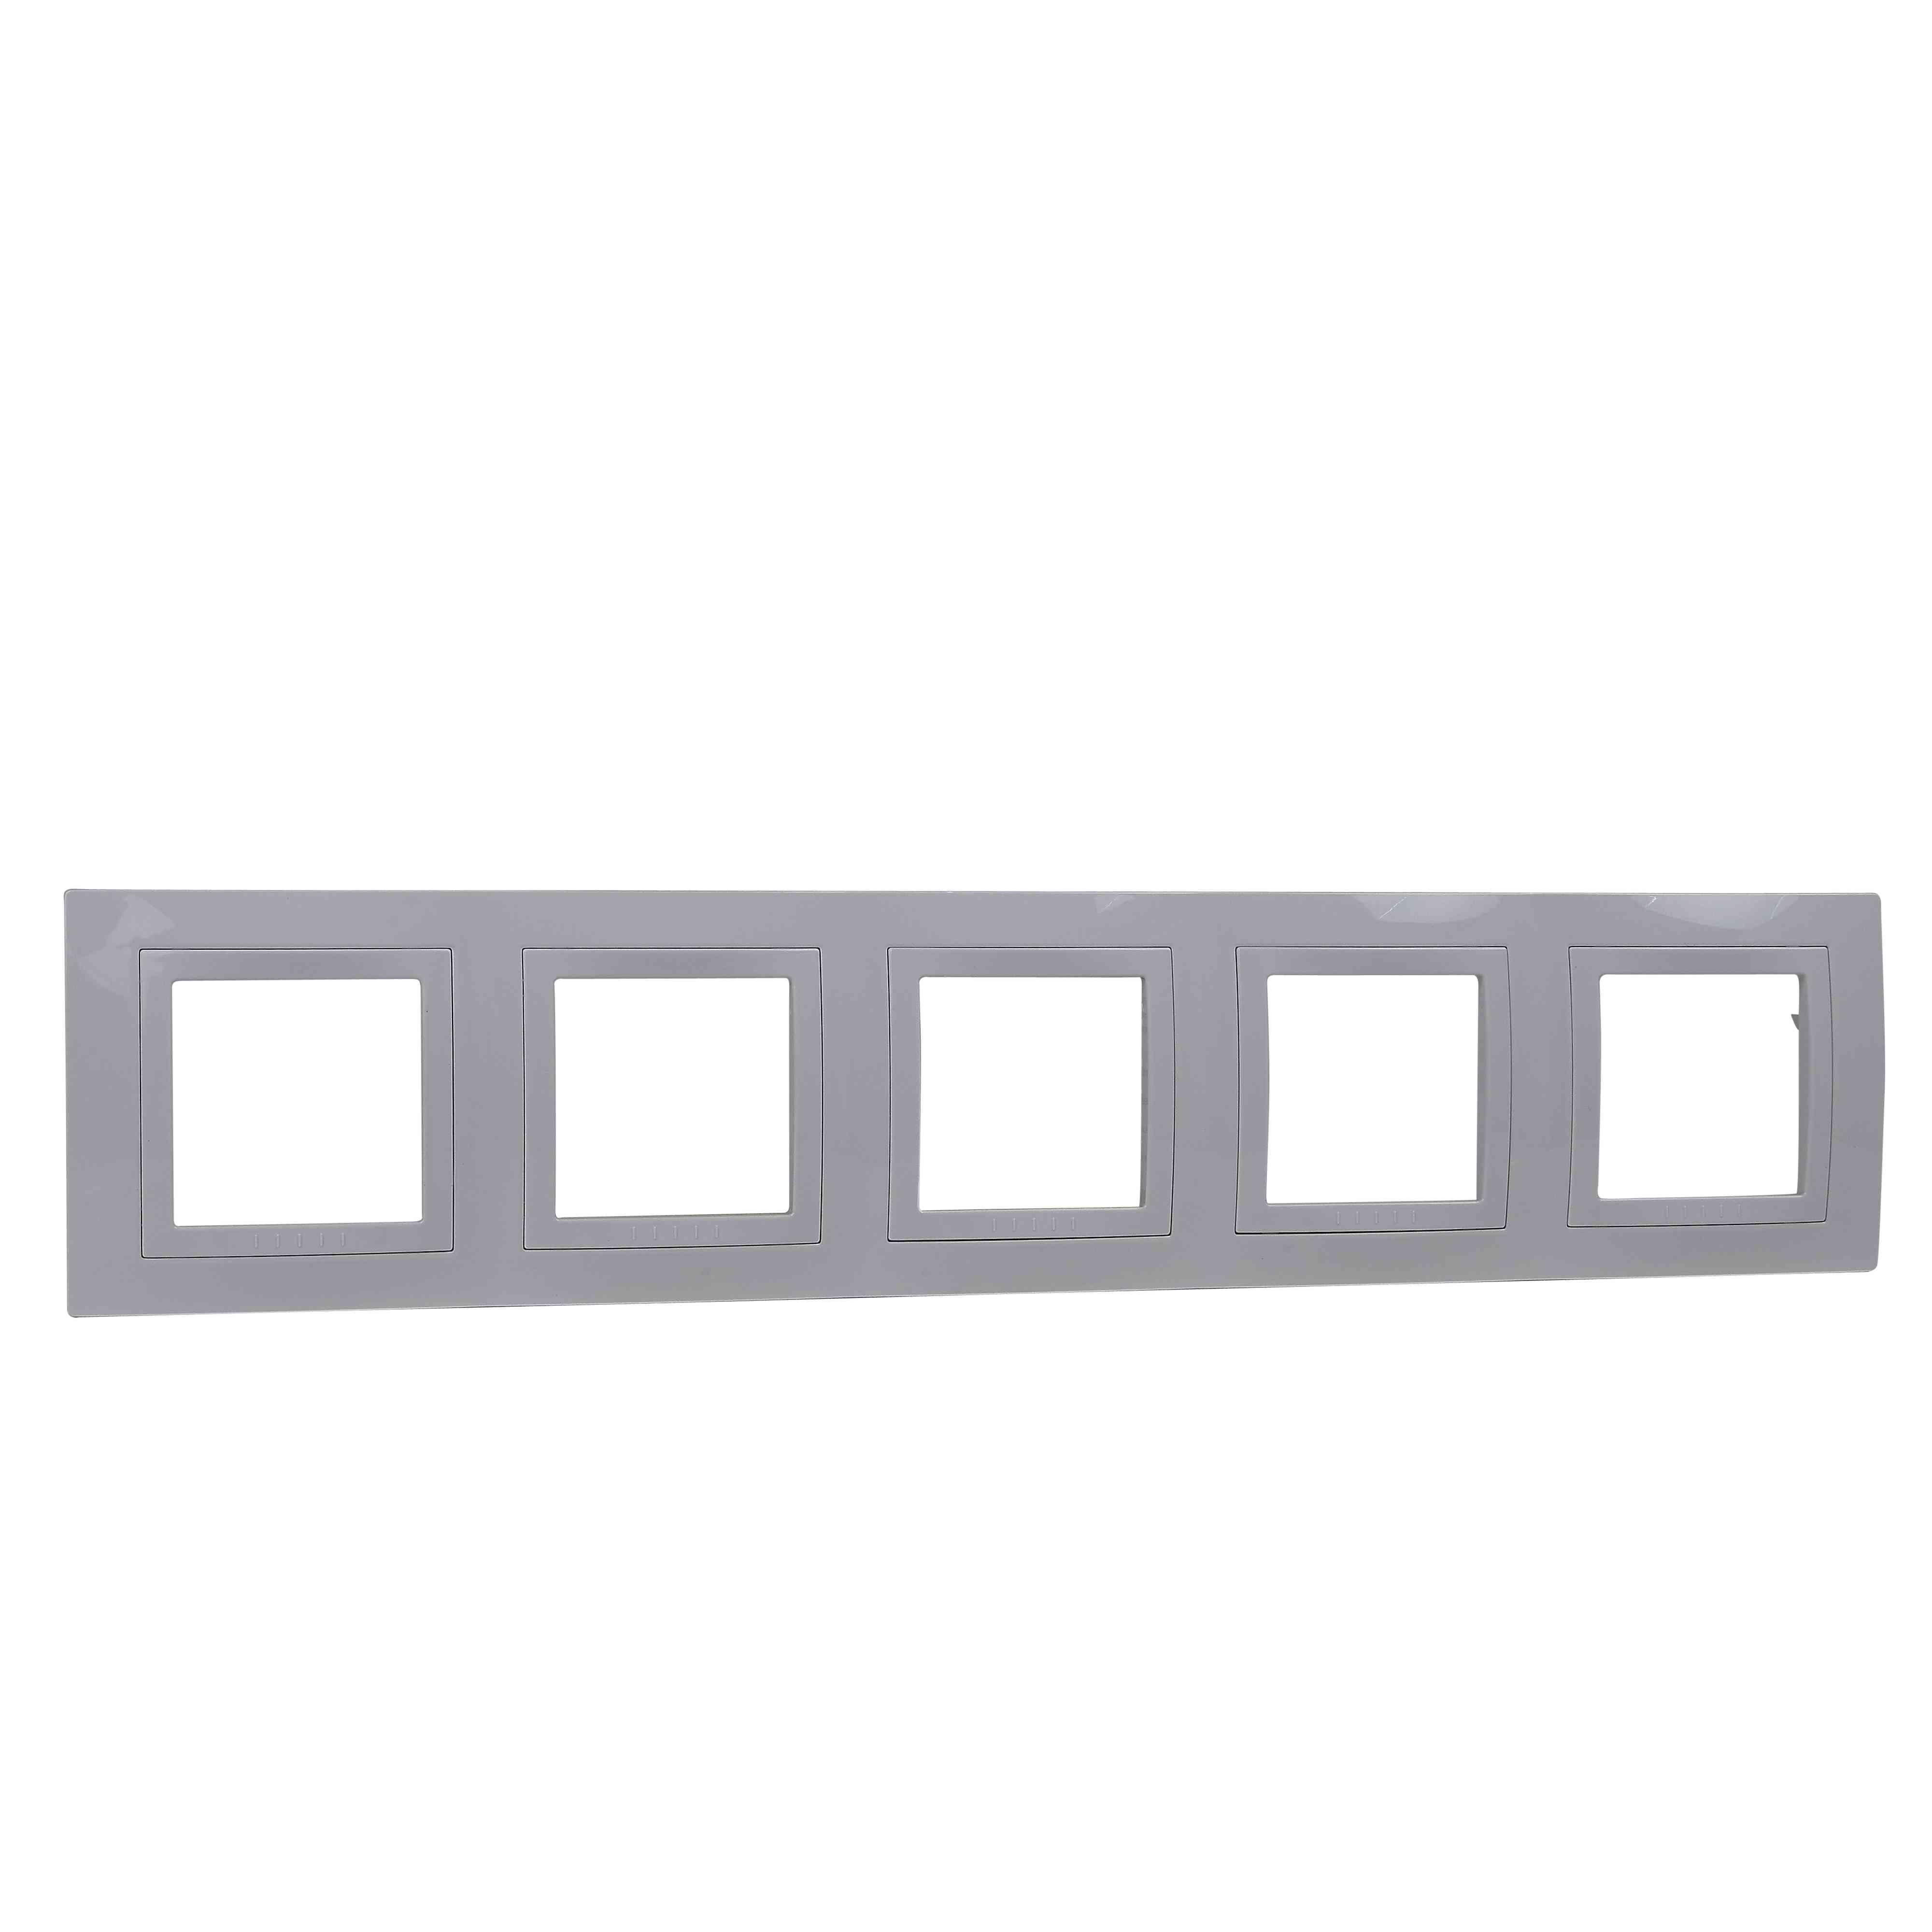 Unica Basic - dekorativni okvir - 5 odprtin vodoravno - bel